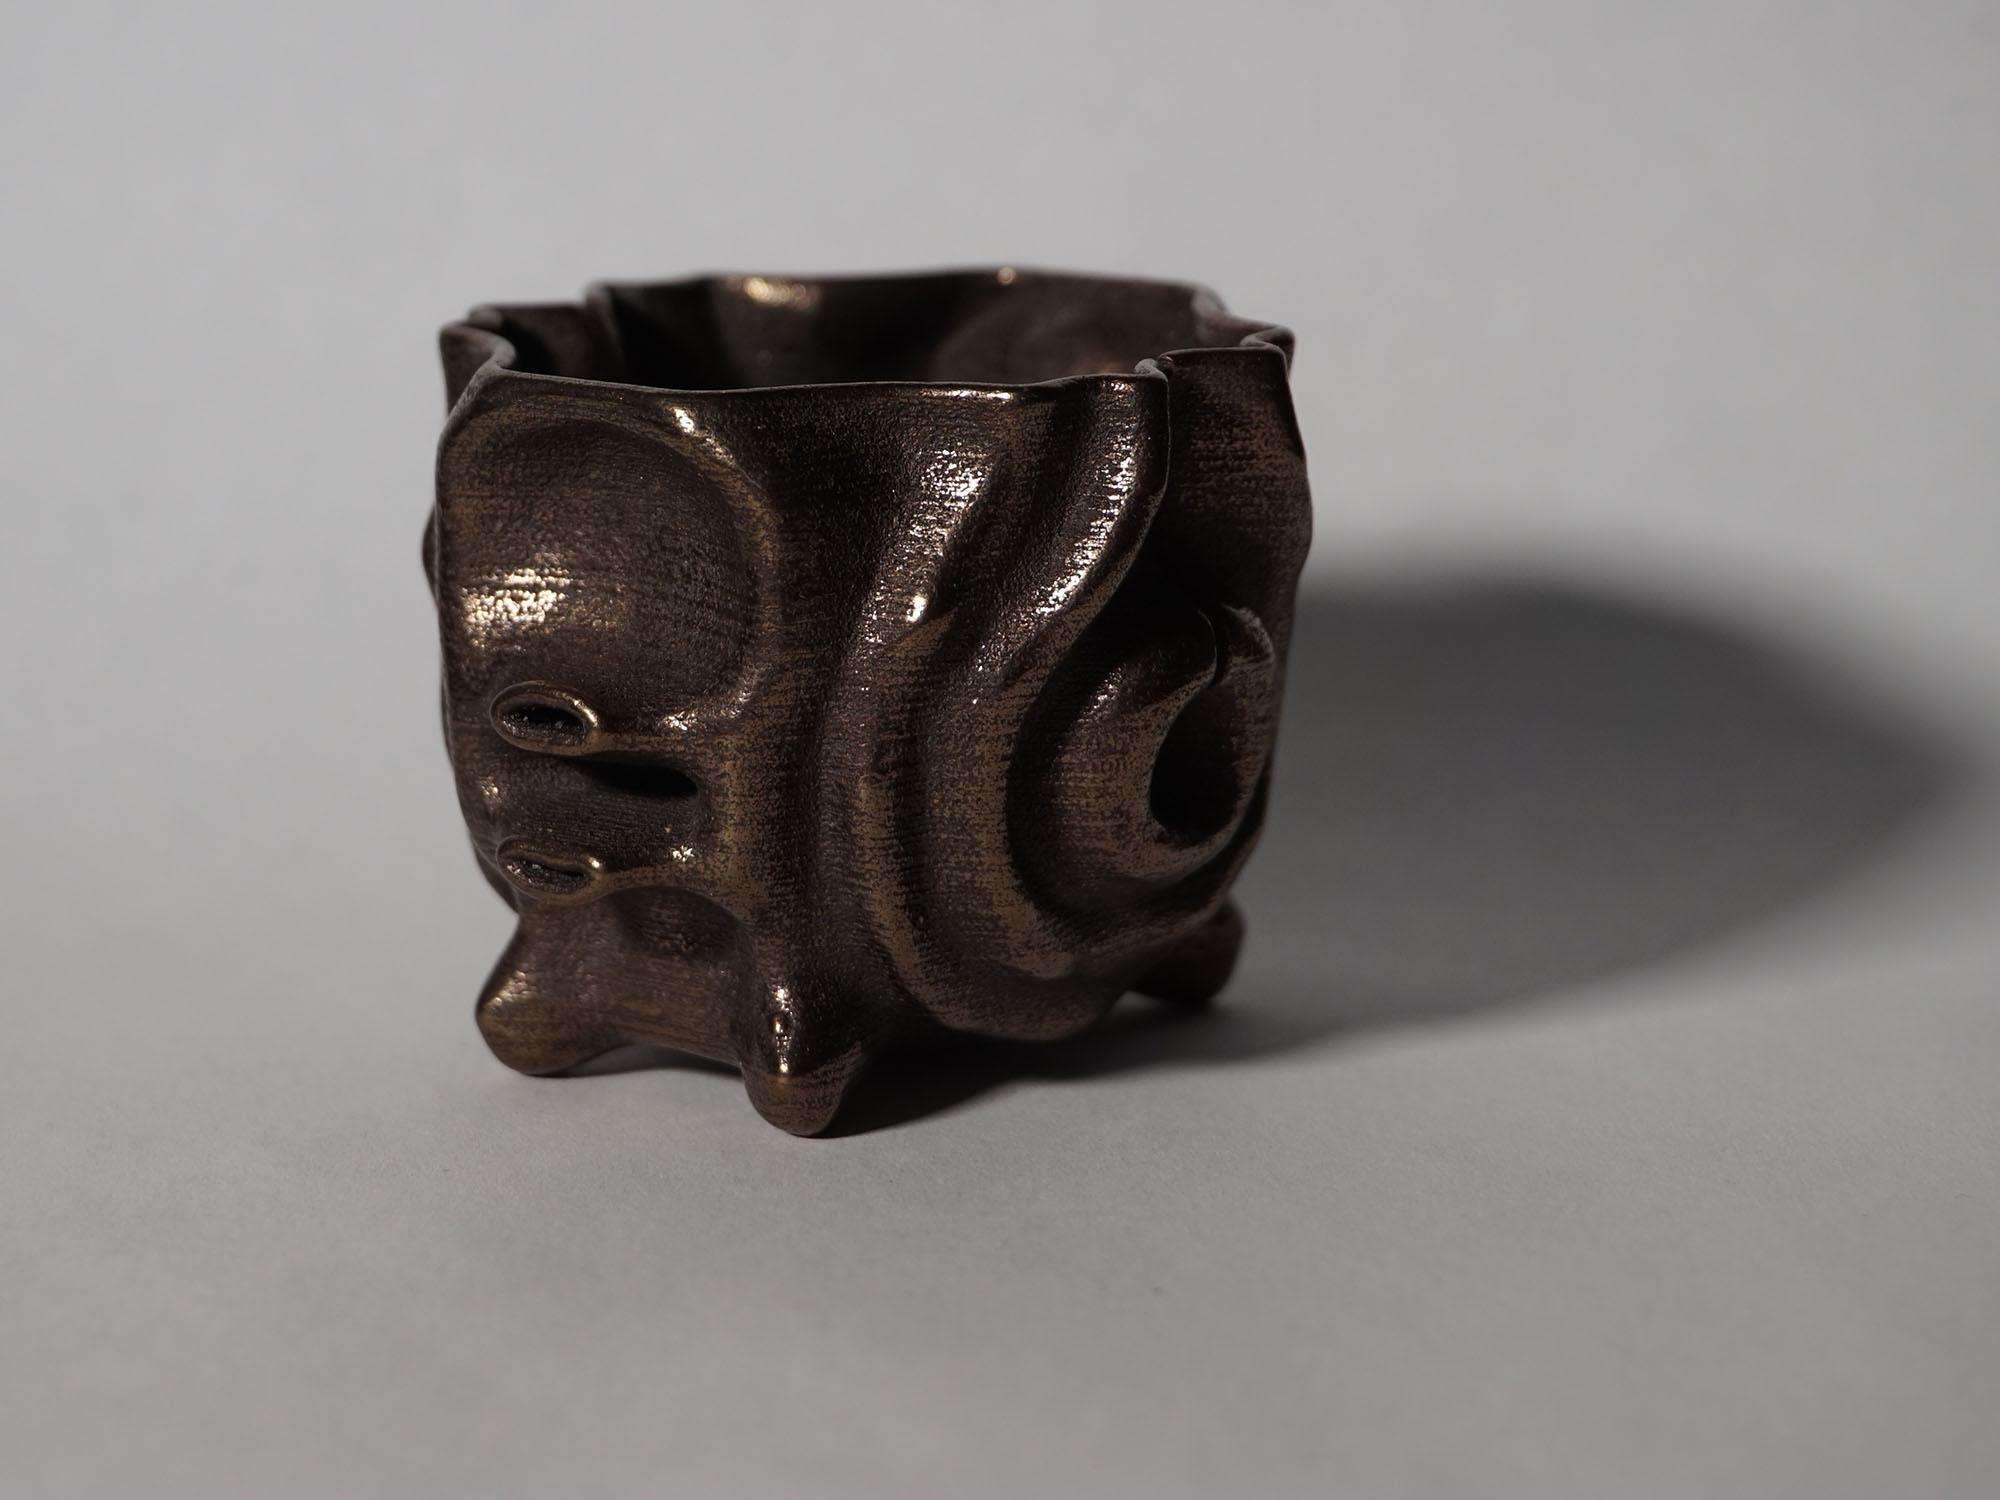 vase-2.jpg